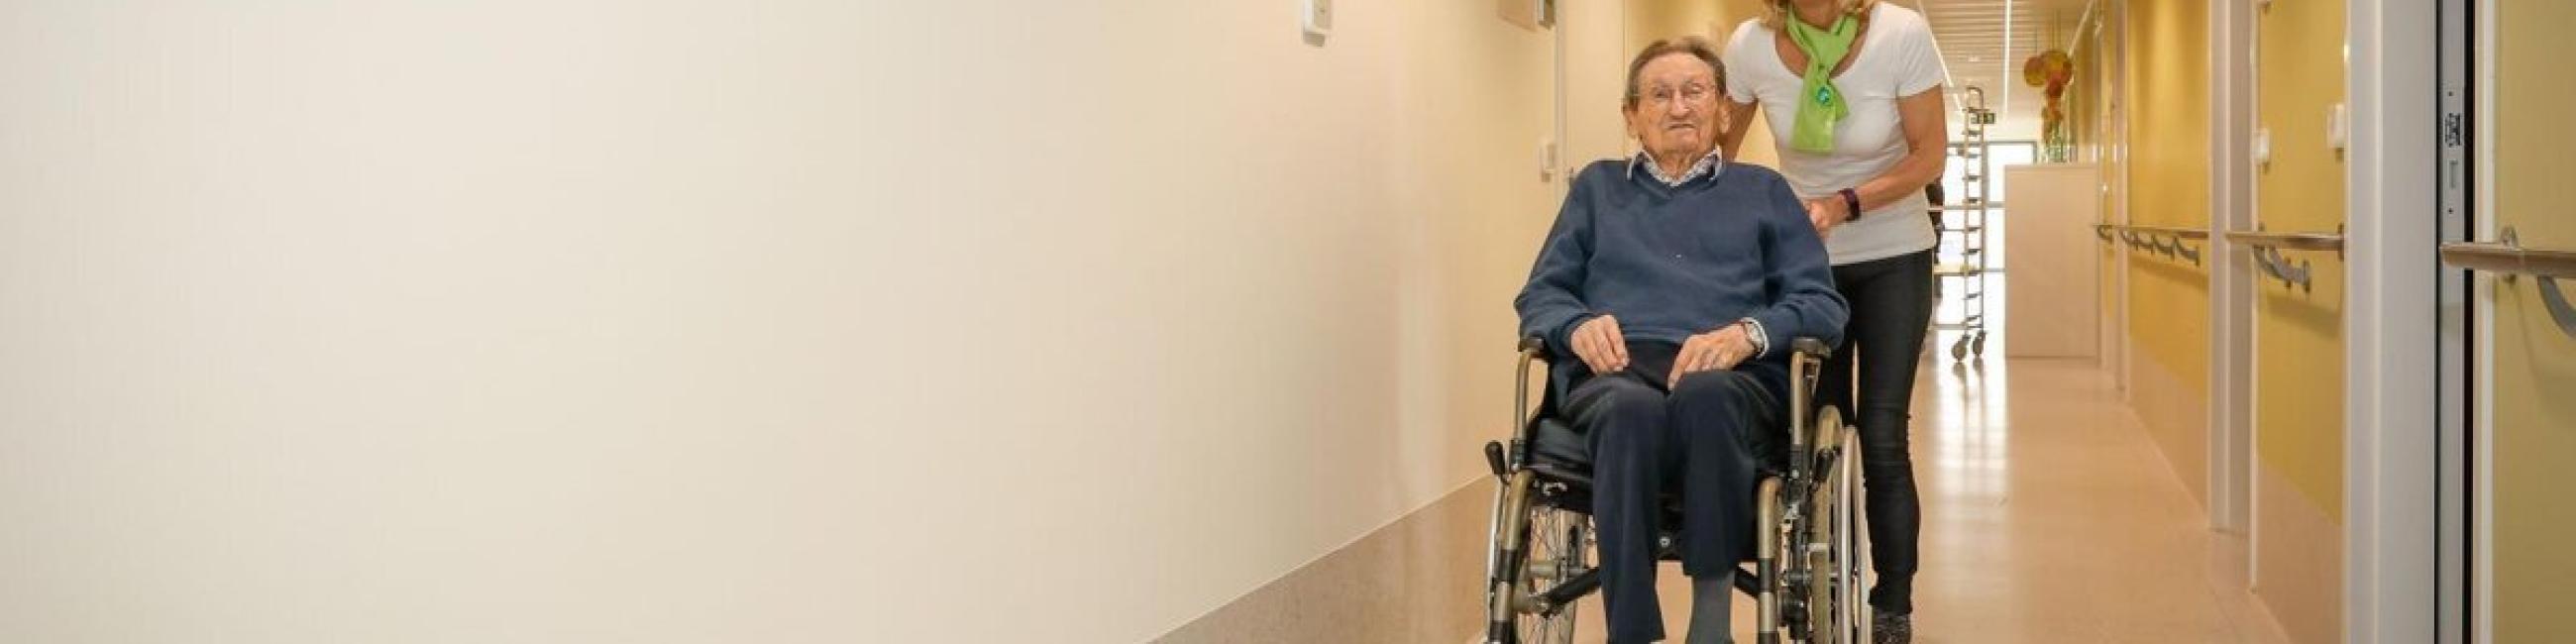 rolstoelgebruiker